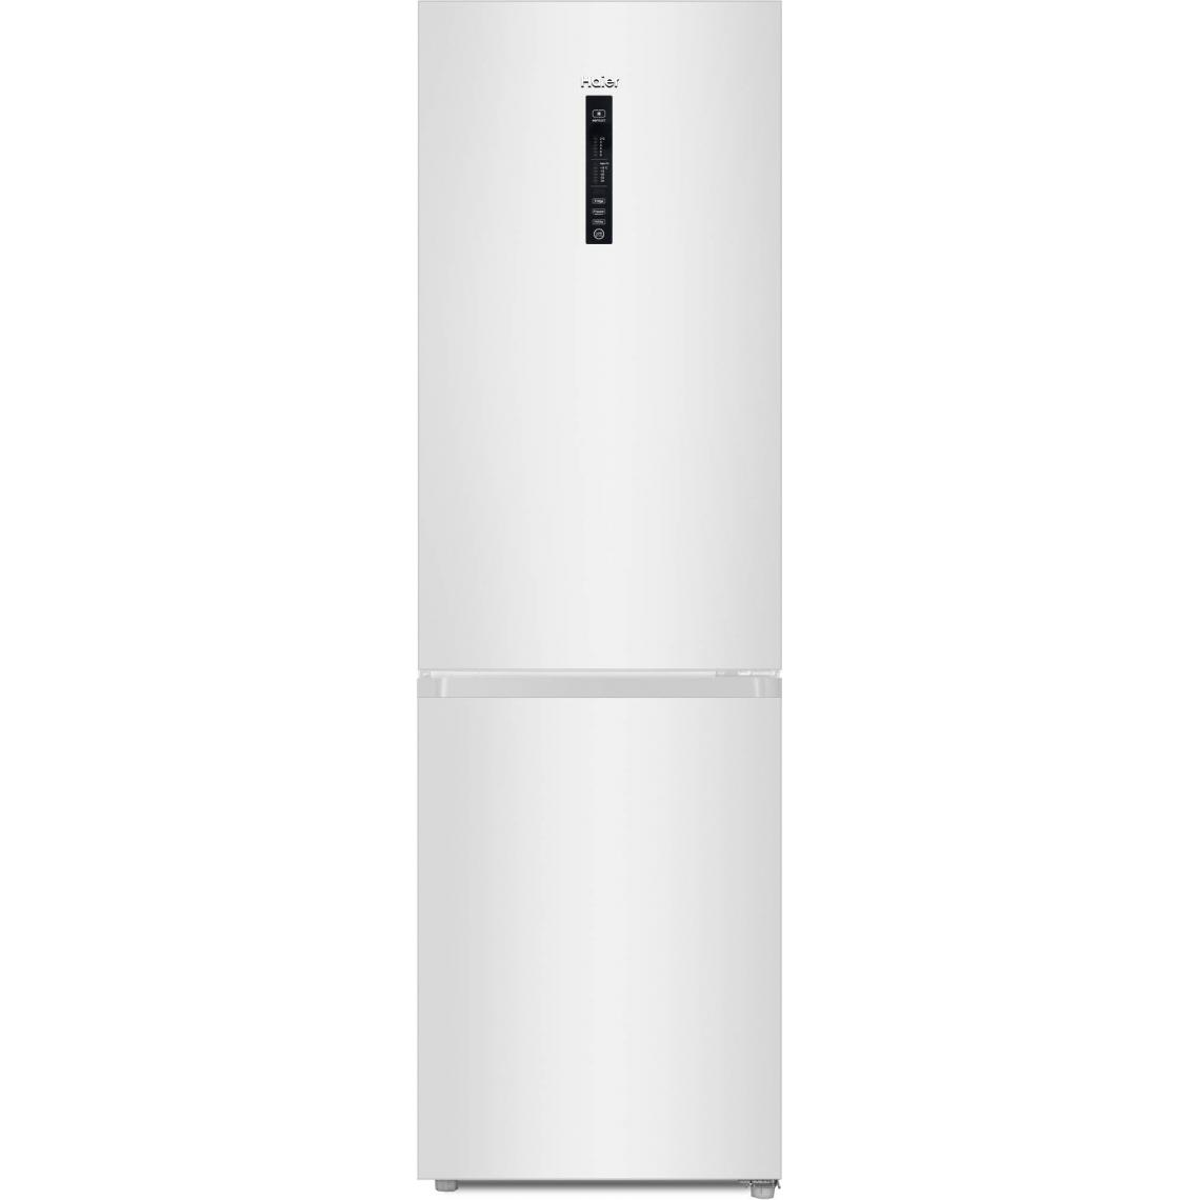 Haier Réfrigérateur combiné 341L Froid Ventilé HAIER 59.5cm A+, HDR3619FNPW